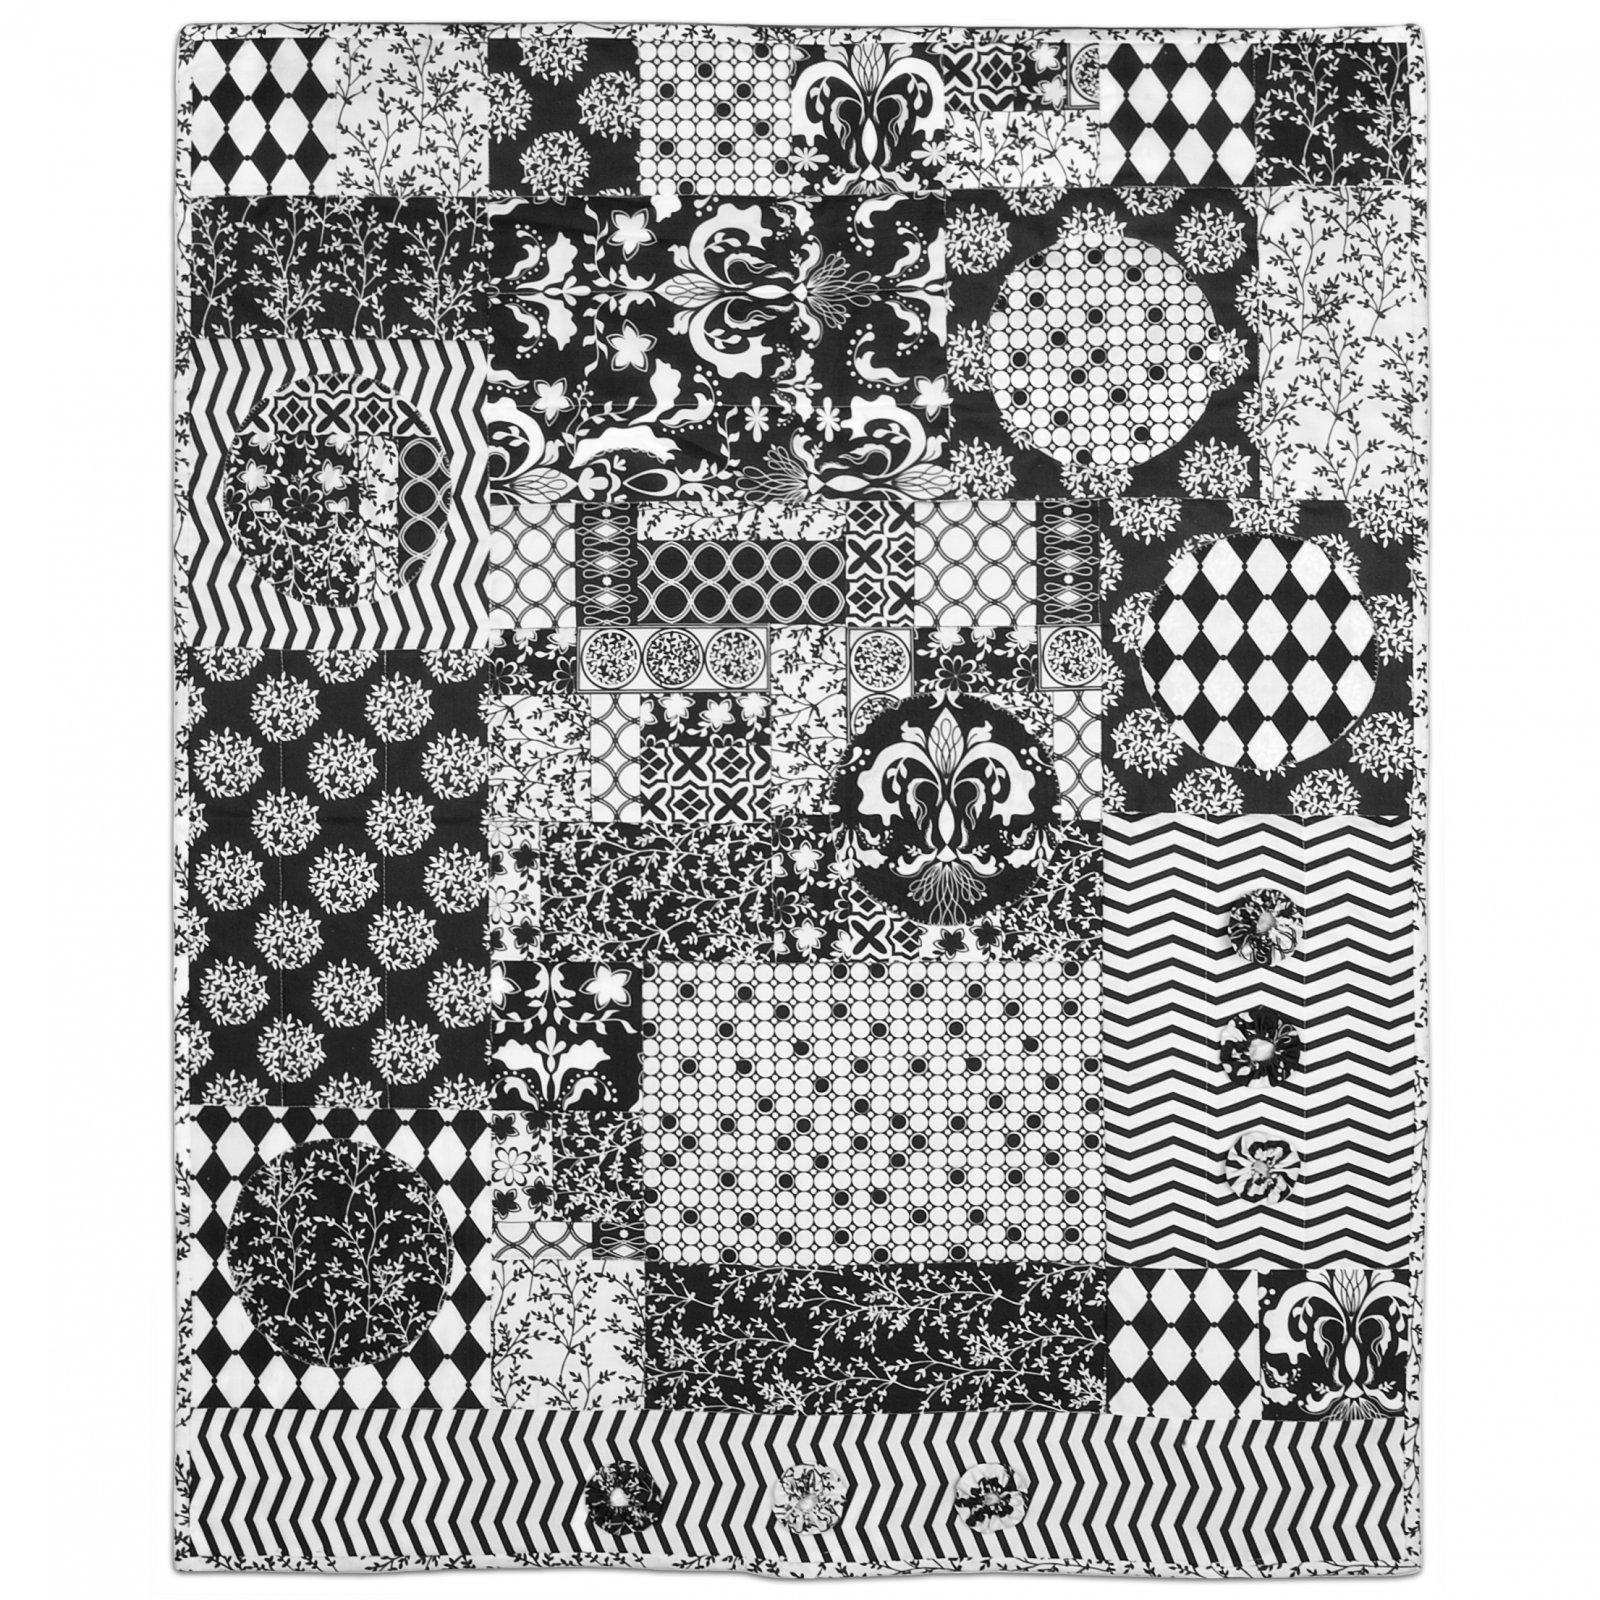 Domino Quilt